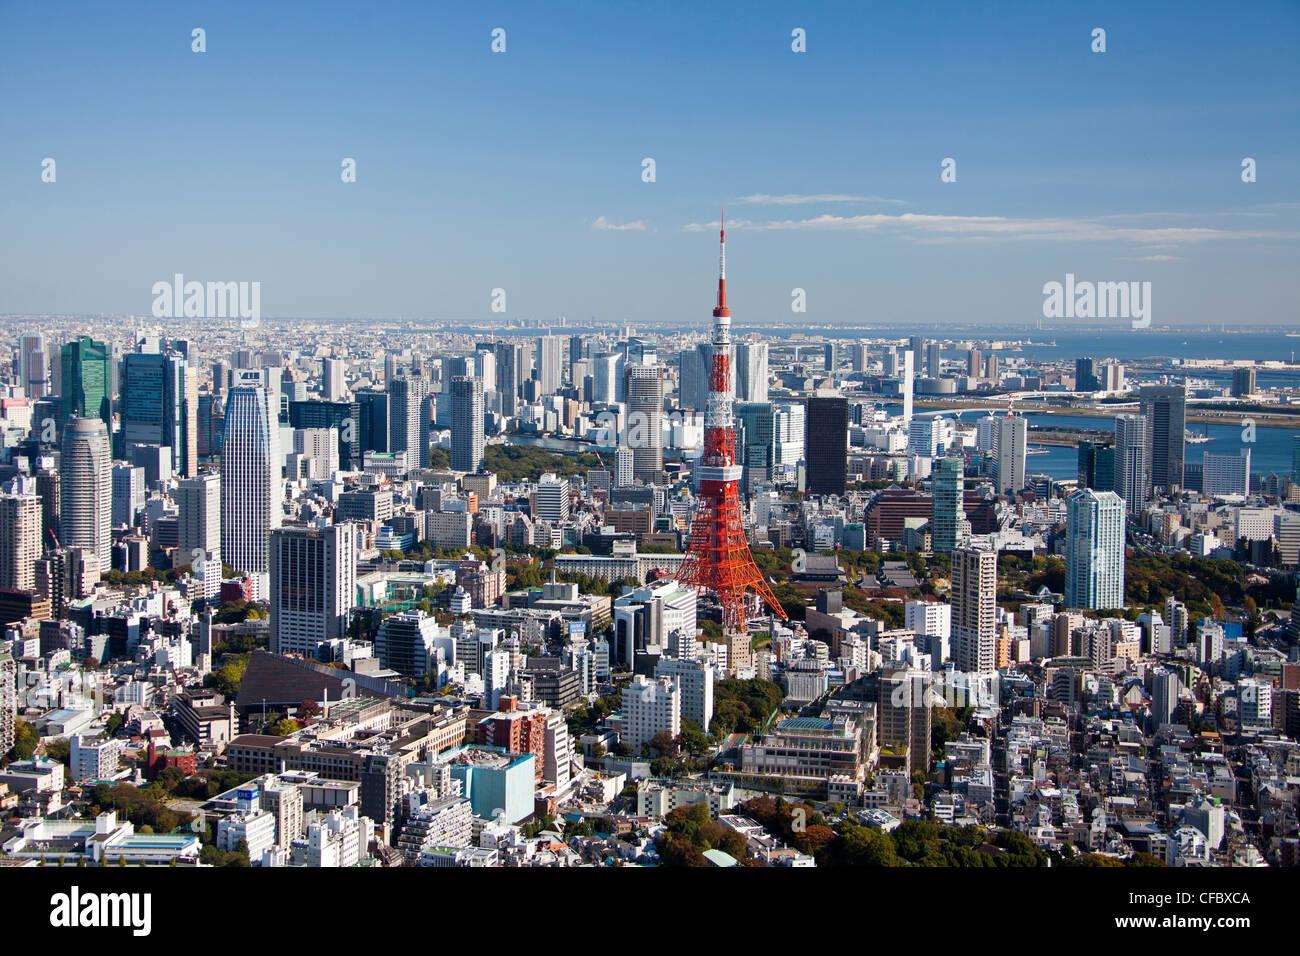 Tokyo, Japan, Asien, Stadt, Skyline von Tokyo, Tokyo Tower, Architektur, groß, Gebäude, Stadt, riesige, Stockbild